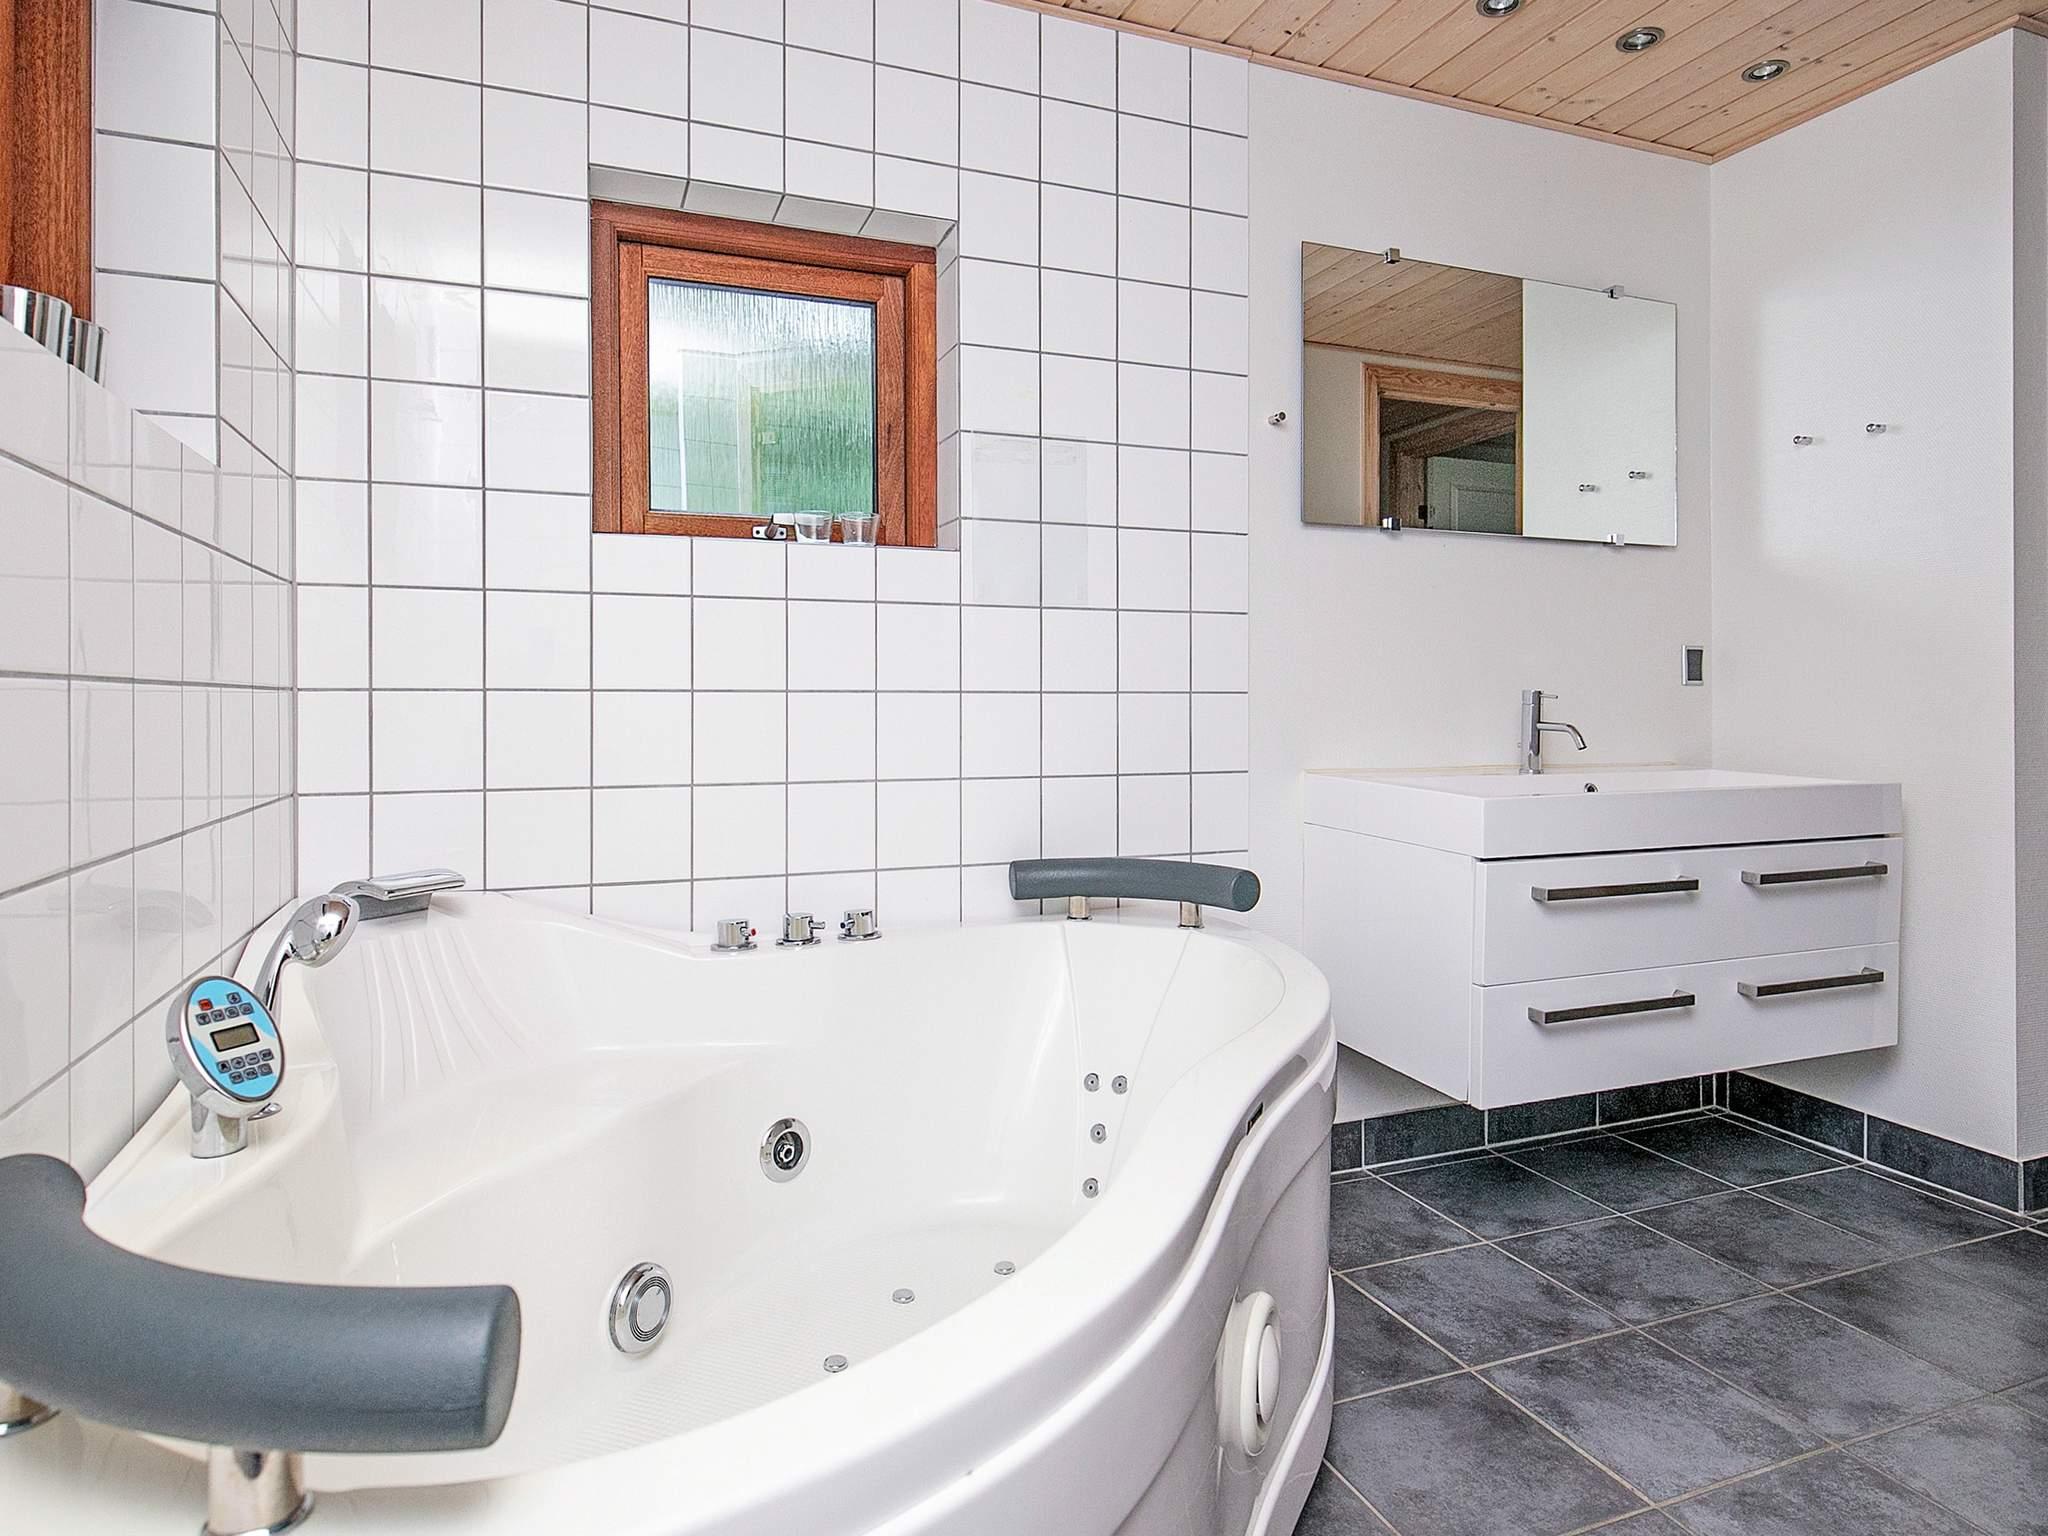 Ferienhaus Lynderup (259940), Lynderup, , Ostjütland, Dänemark, Bild 20